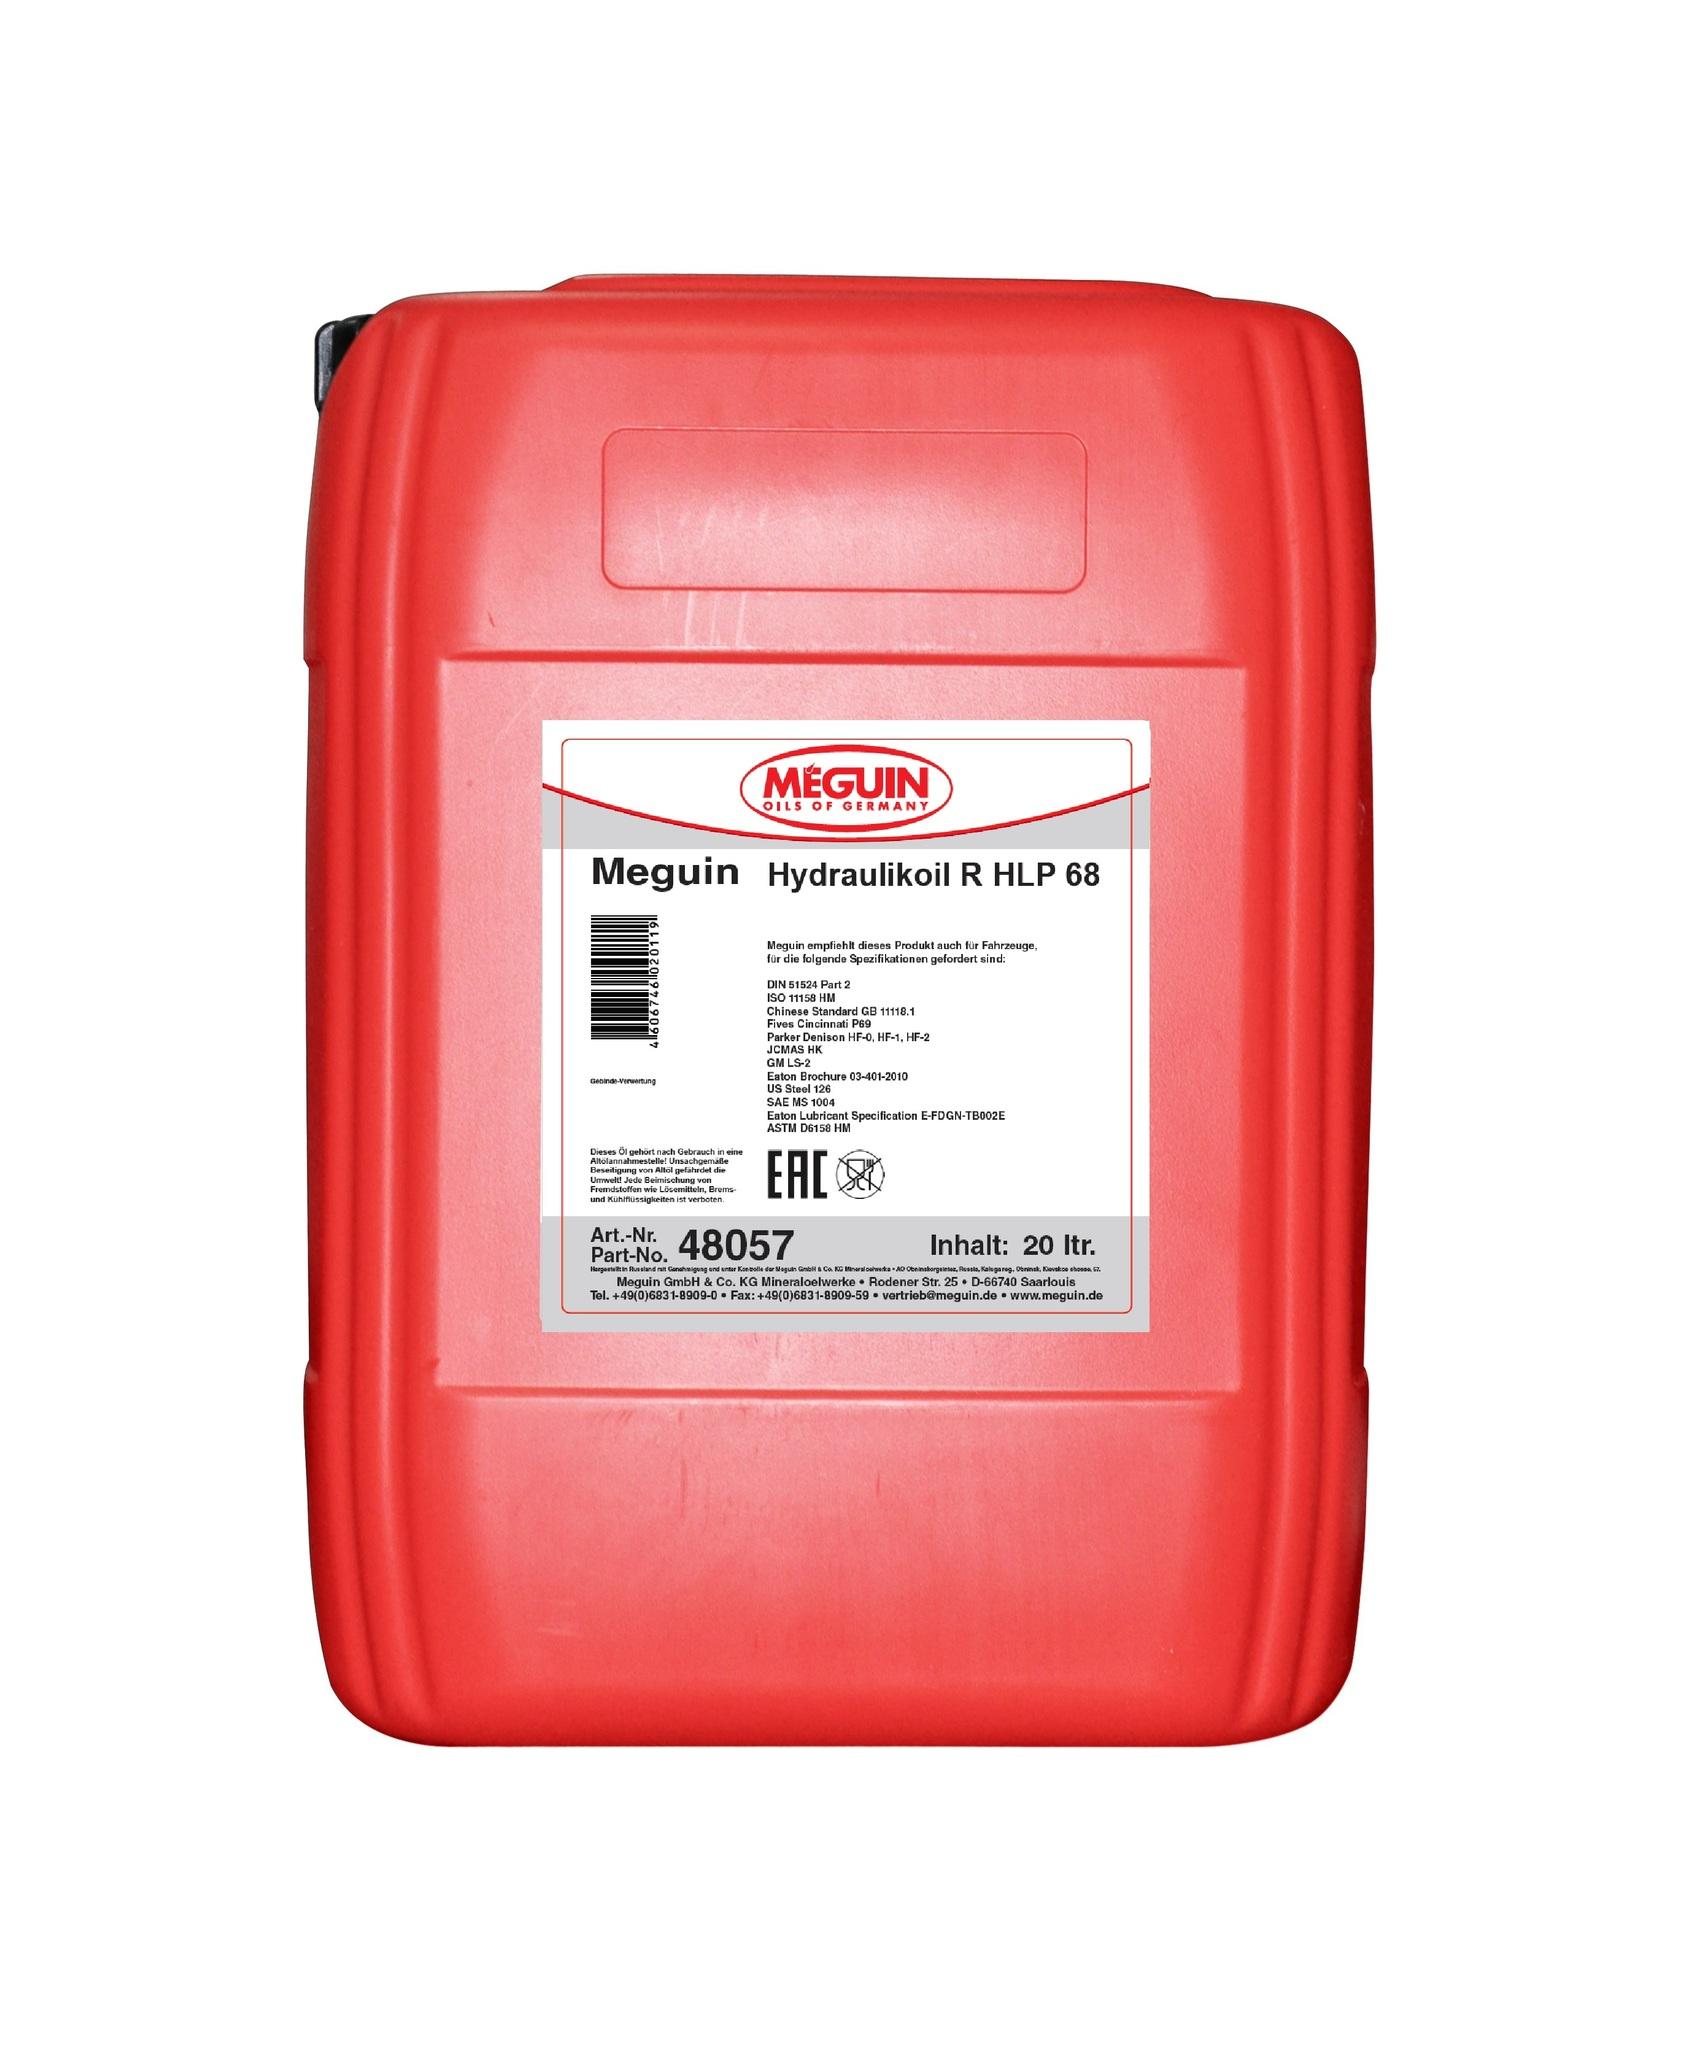 Meguin Hydraulikoil R HLP 68 Минеральное гидравлическое масло